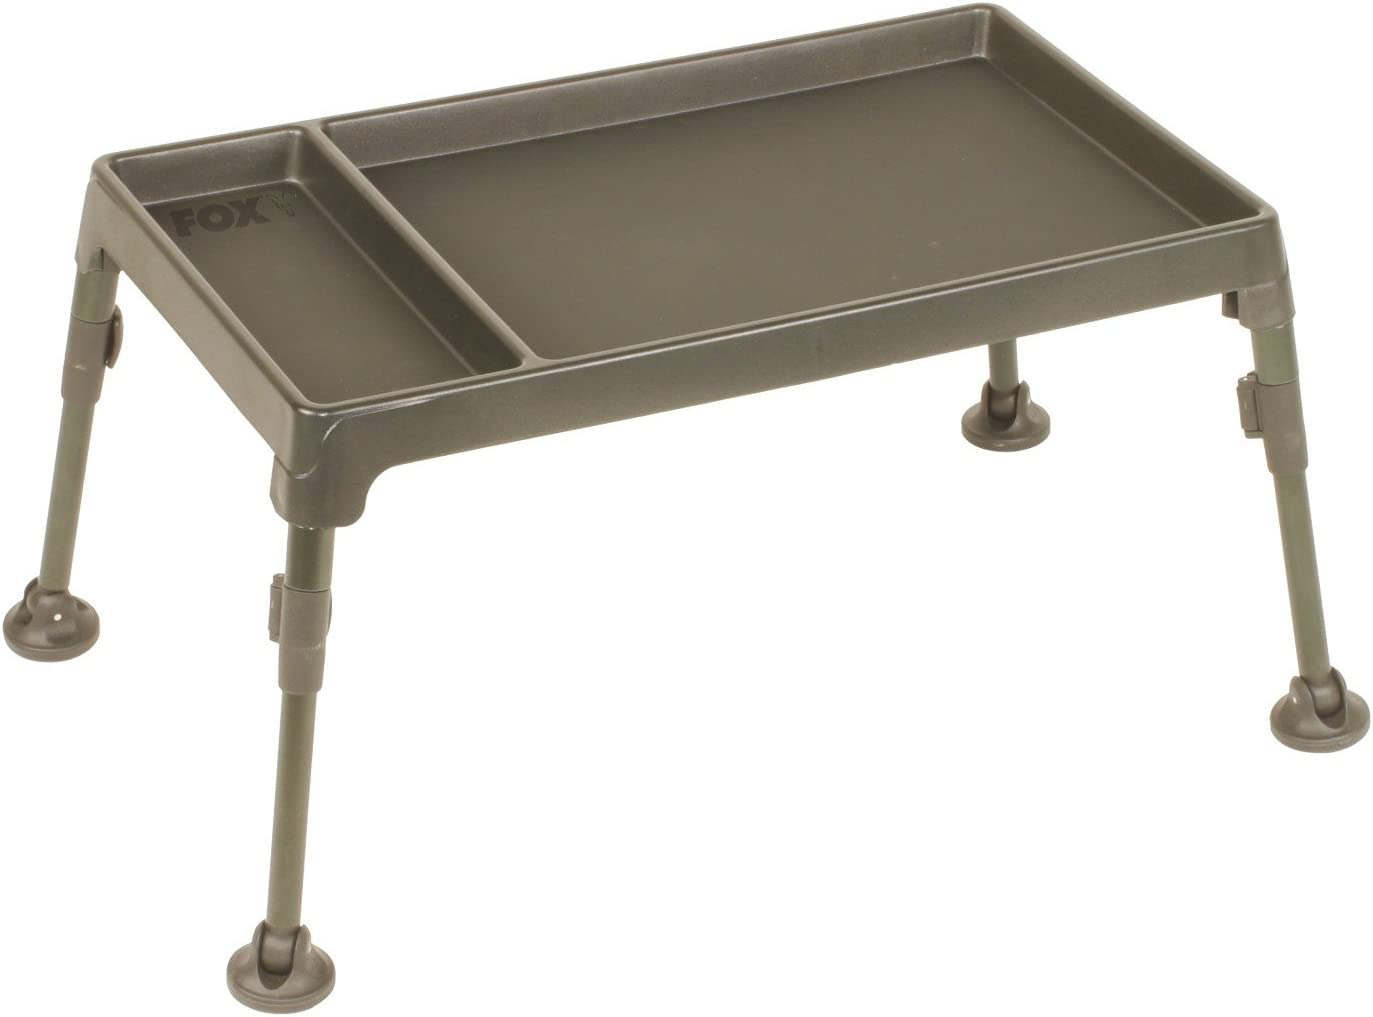 Angeltisch für Karpfenausrüstung Fox Warrior Bivvy Table Tisch für Karpfenzelt